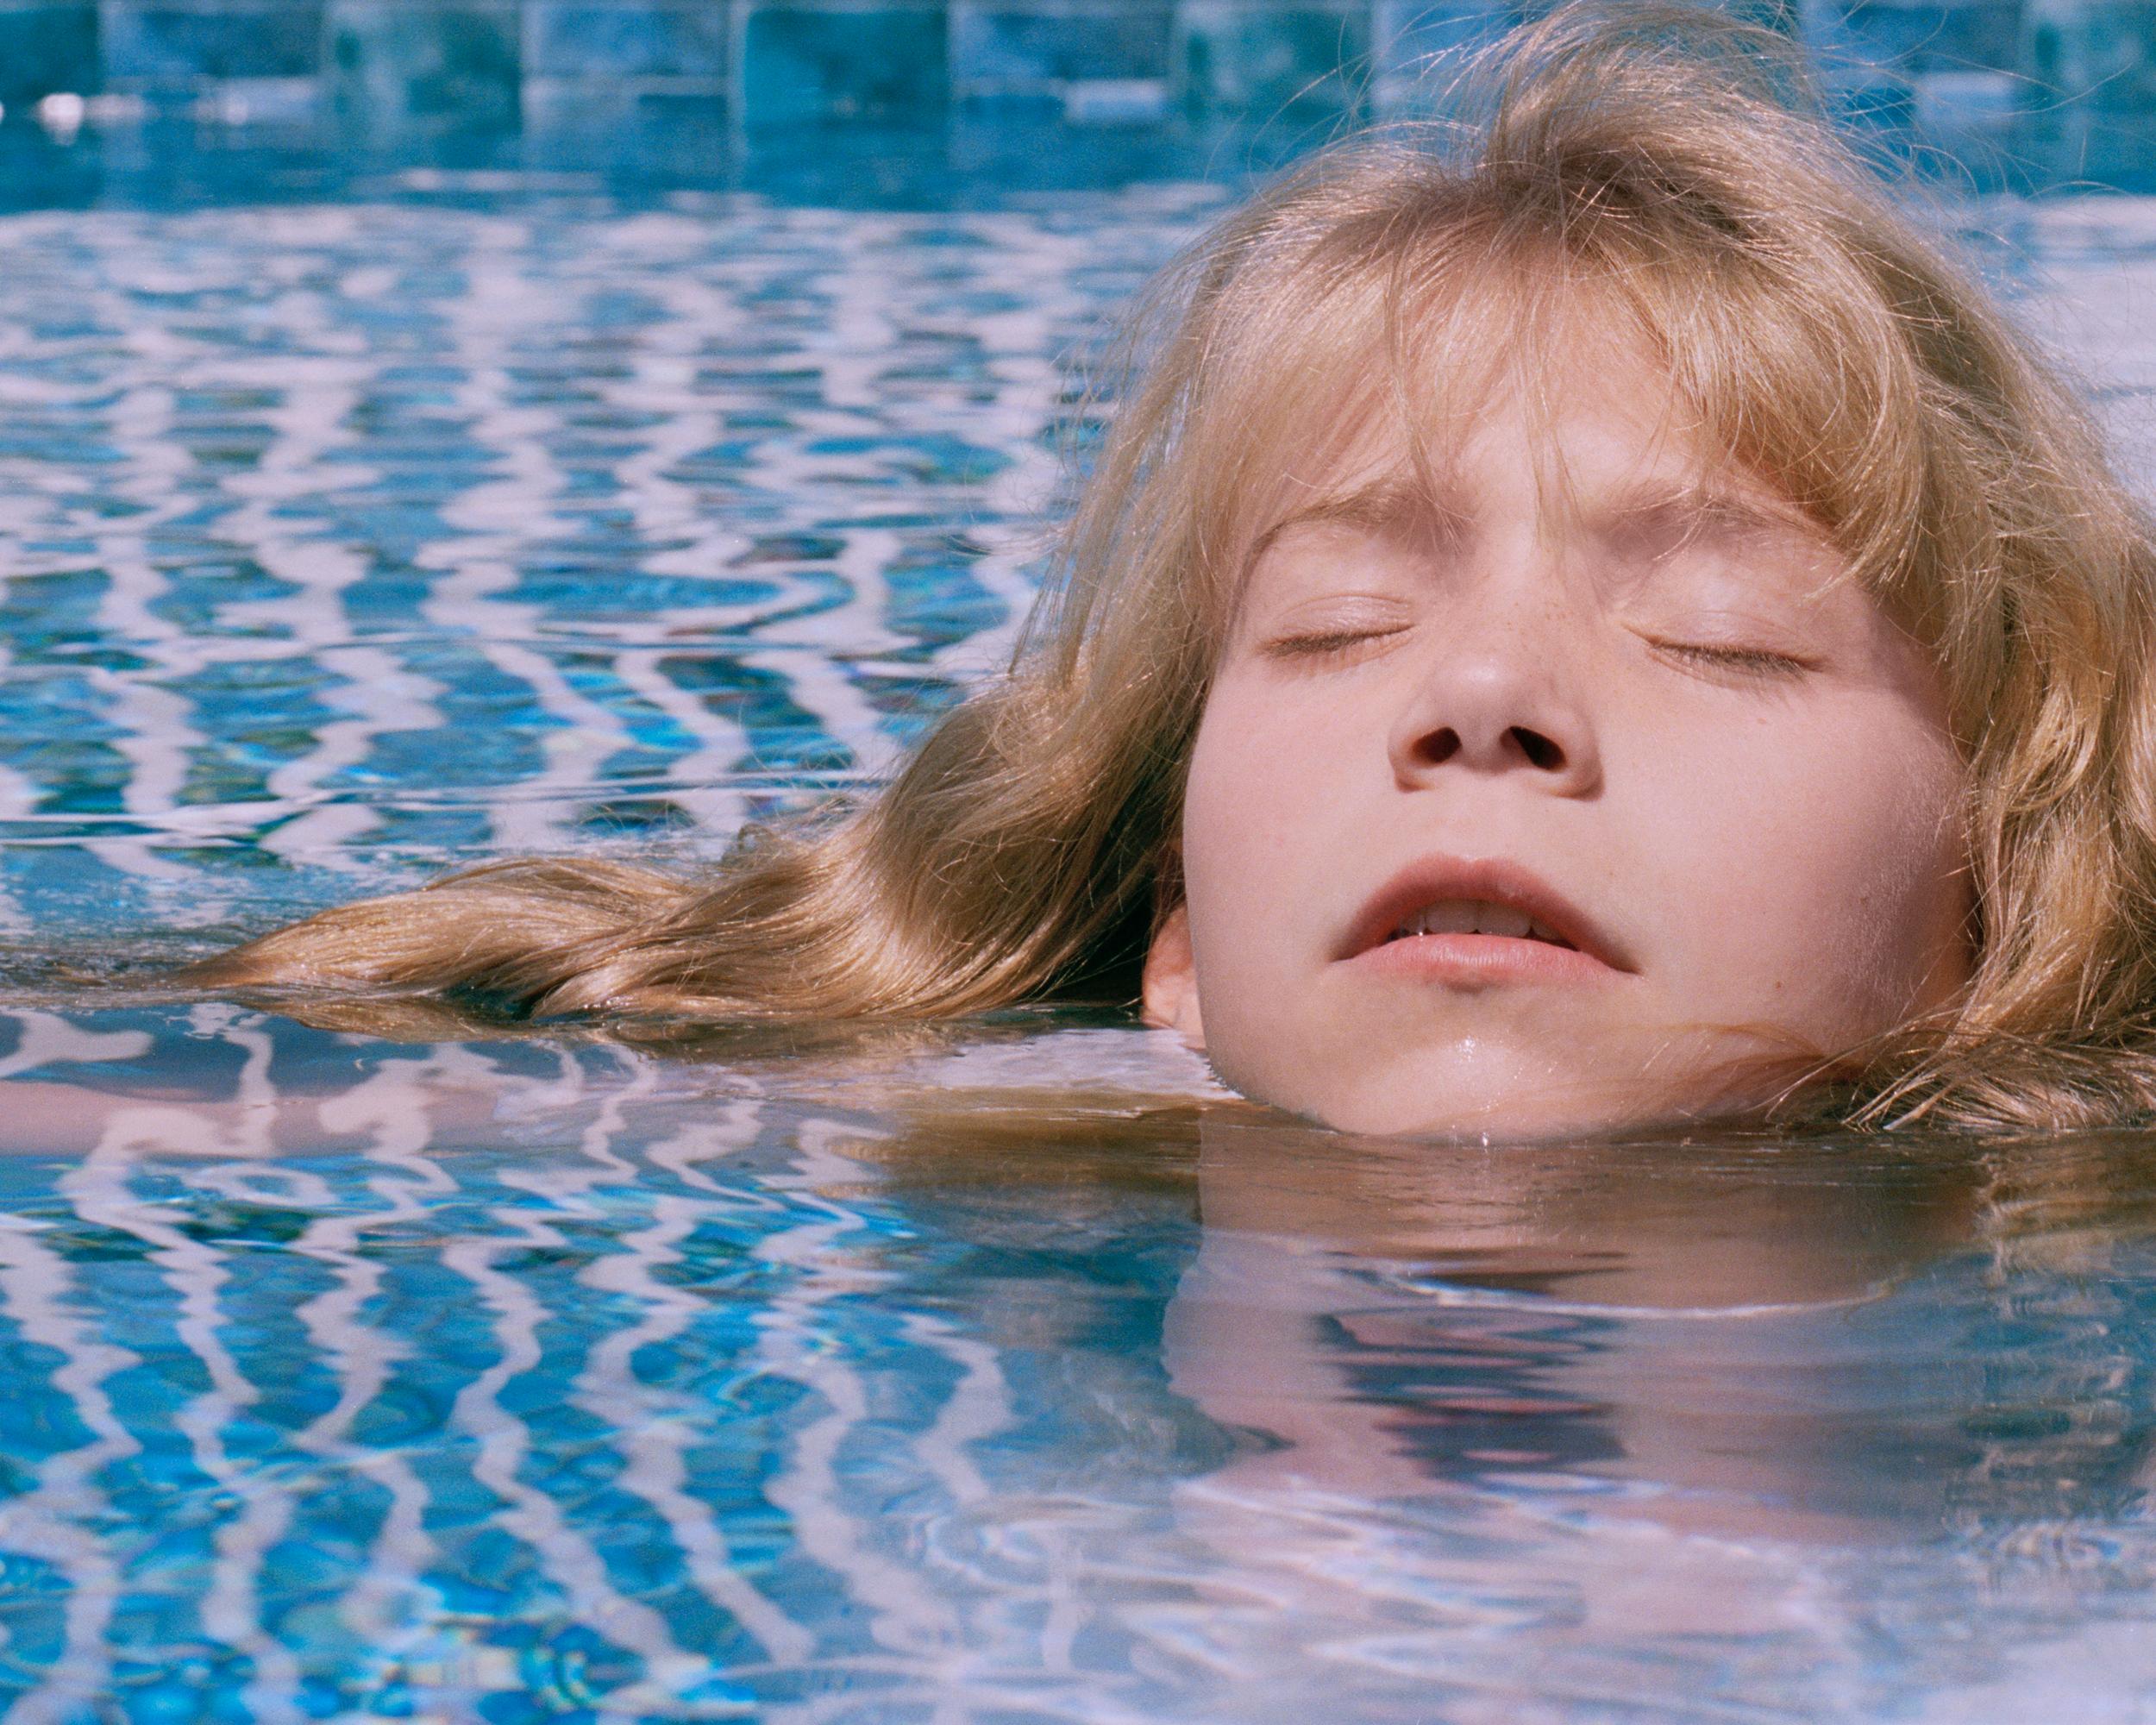 Pool_08.jpg